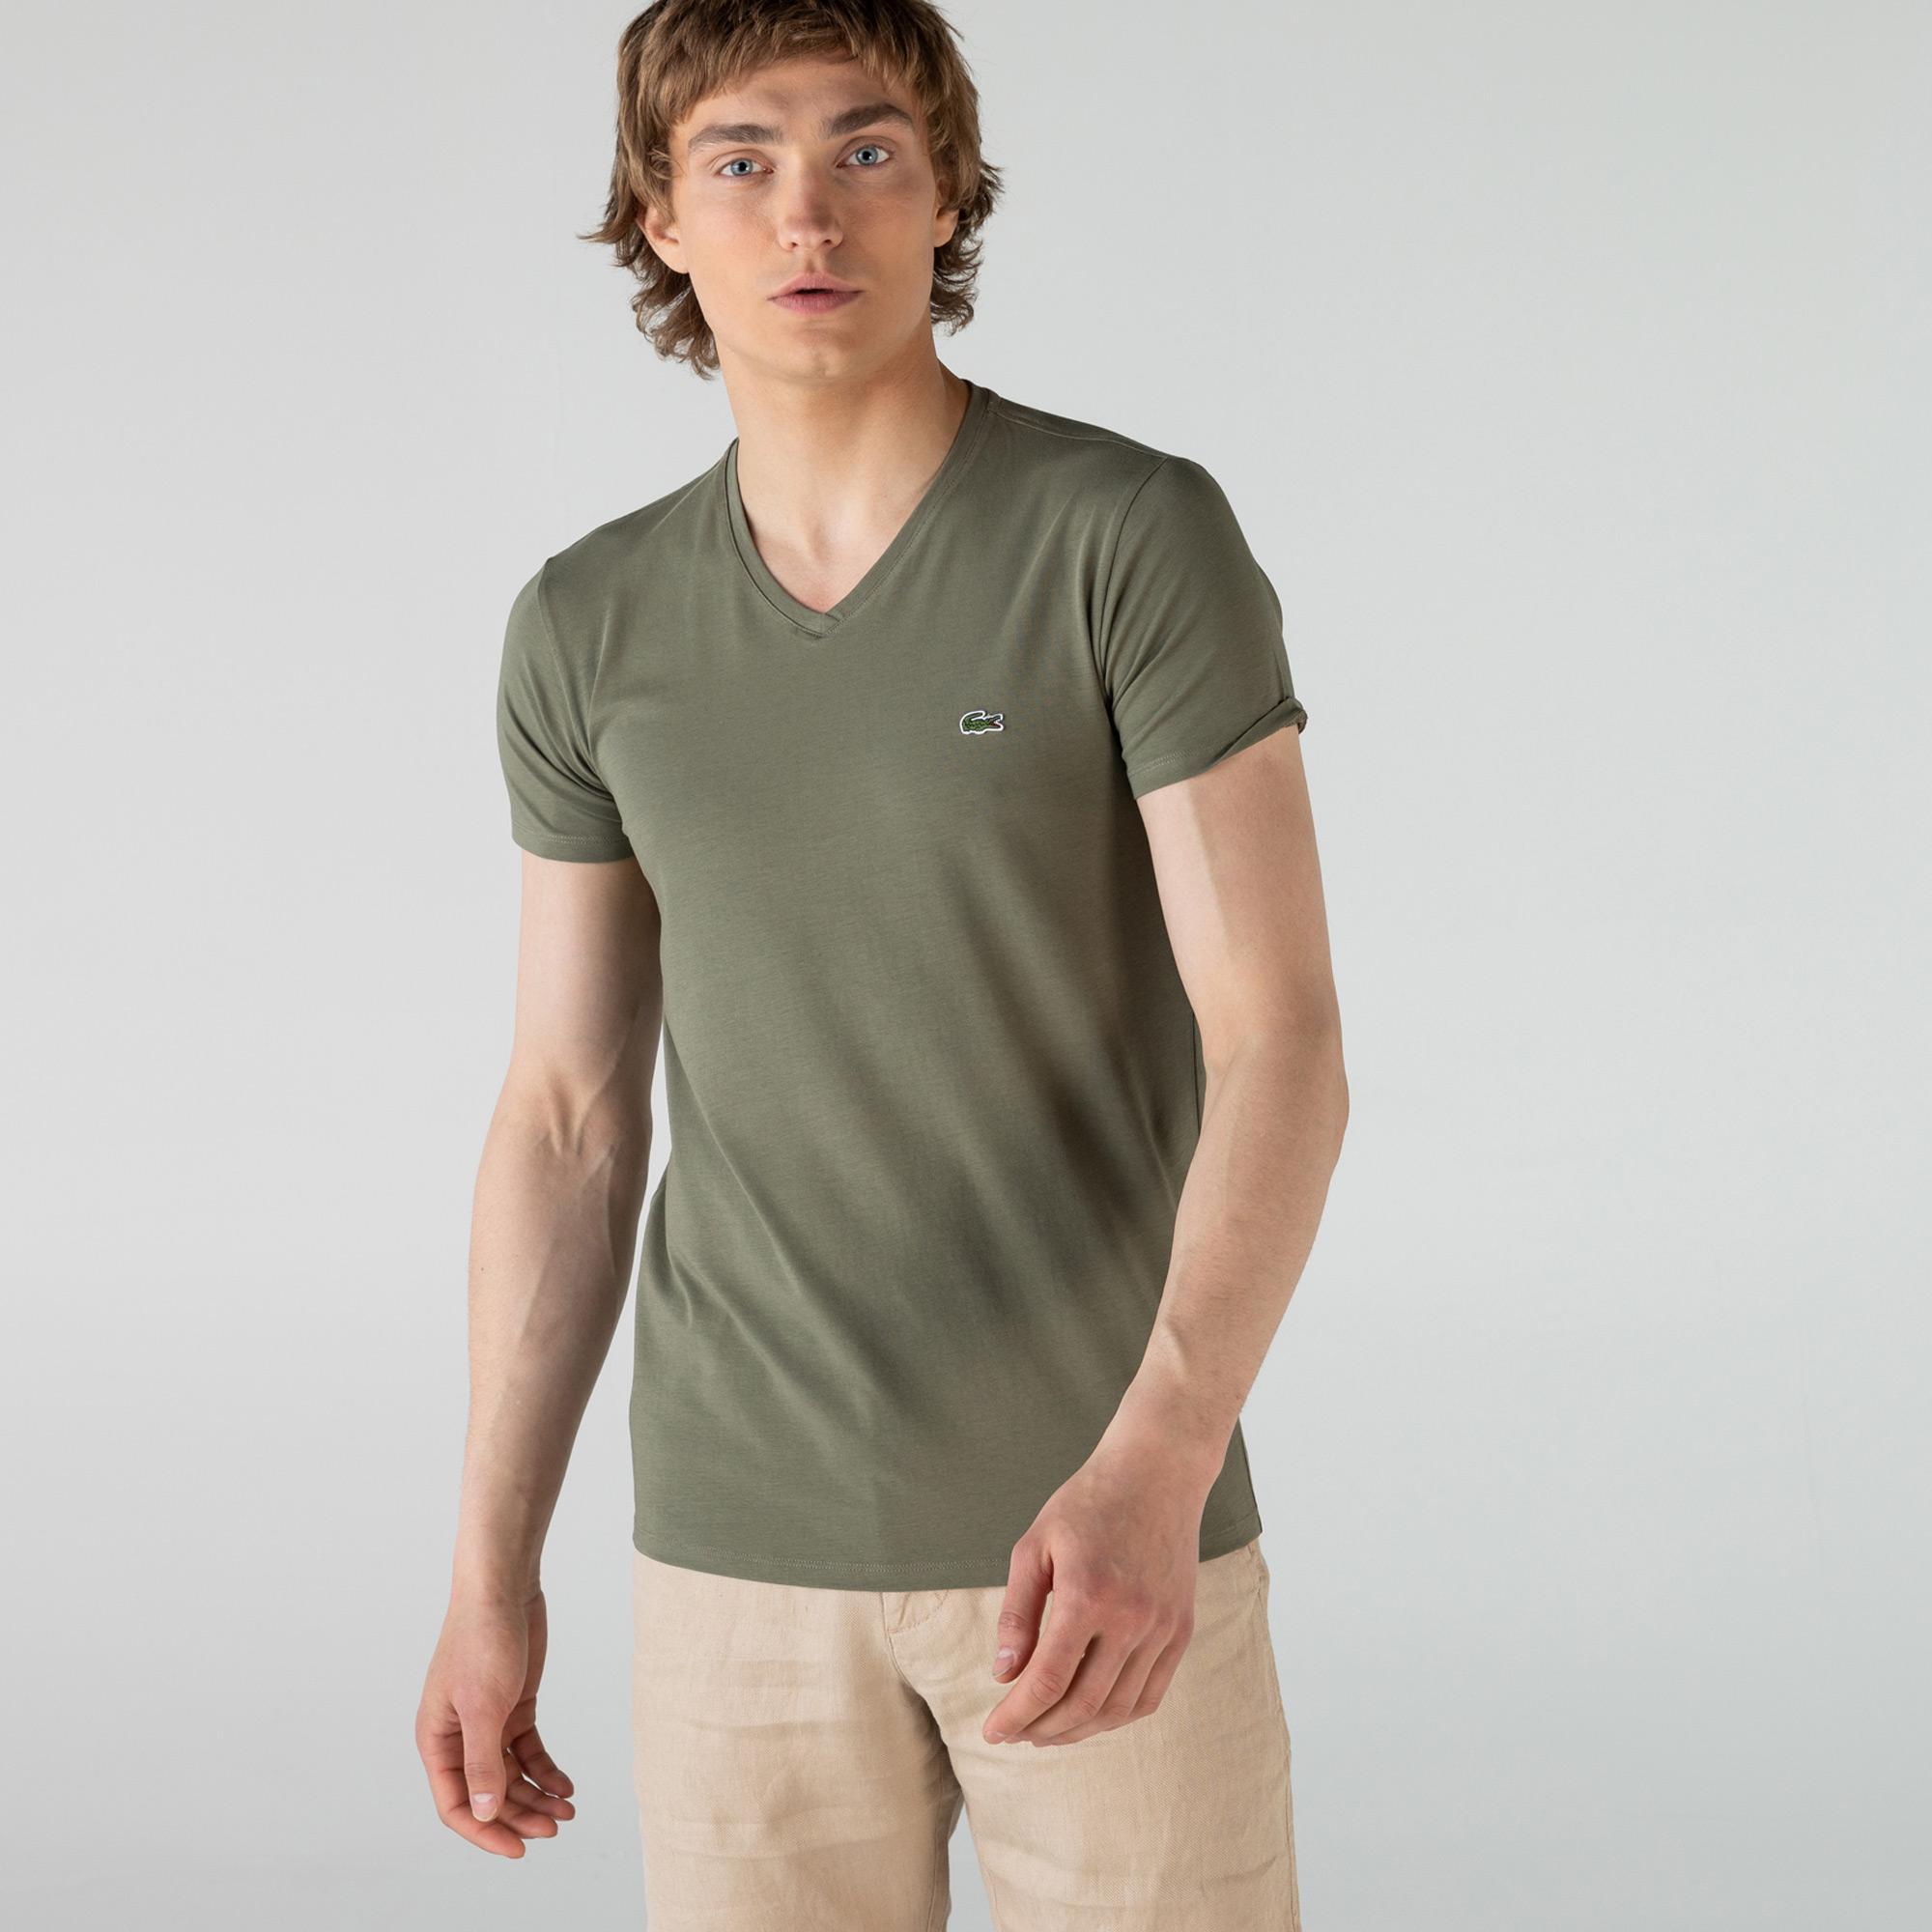 Lacoste Erkek Slim Fit V Yaka Haki T-Shirt